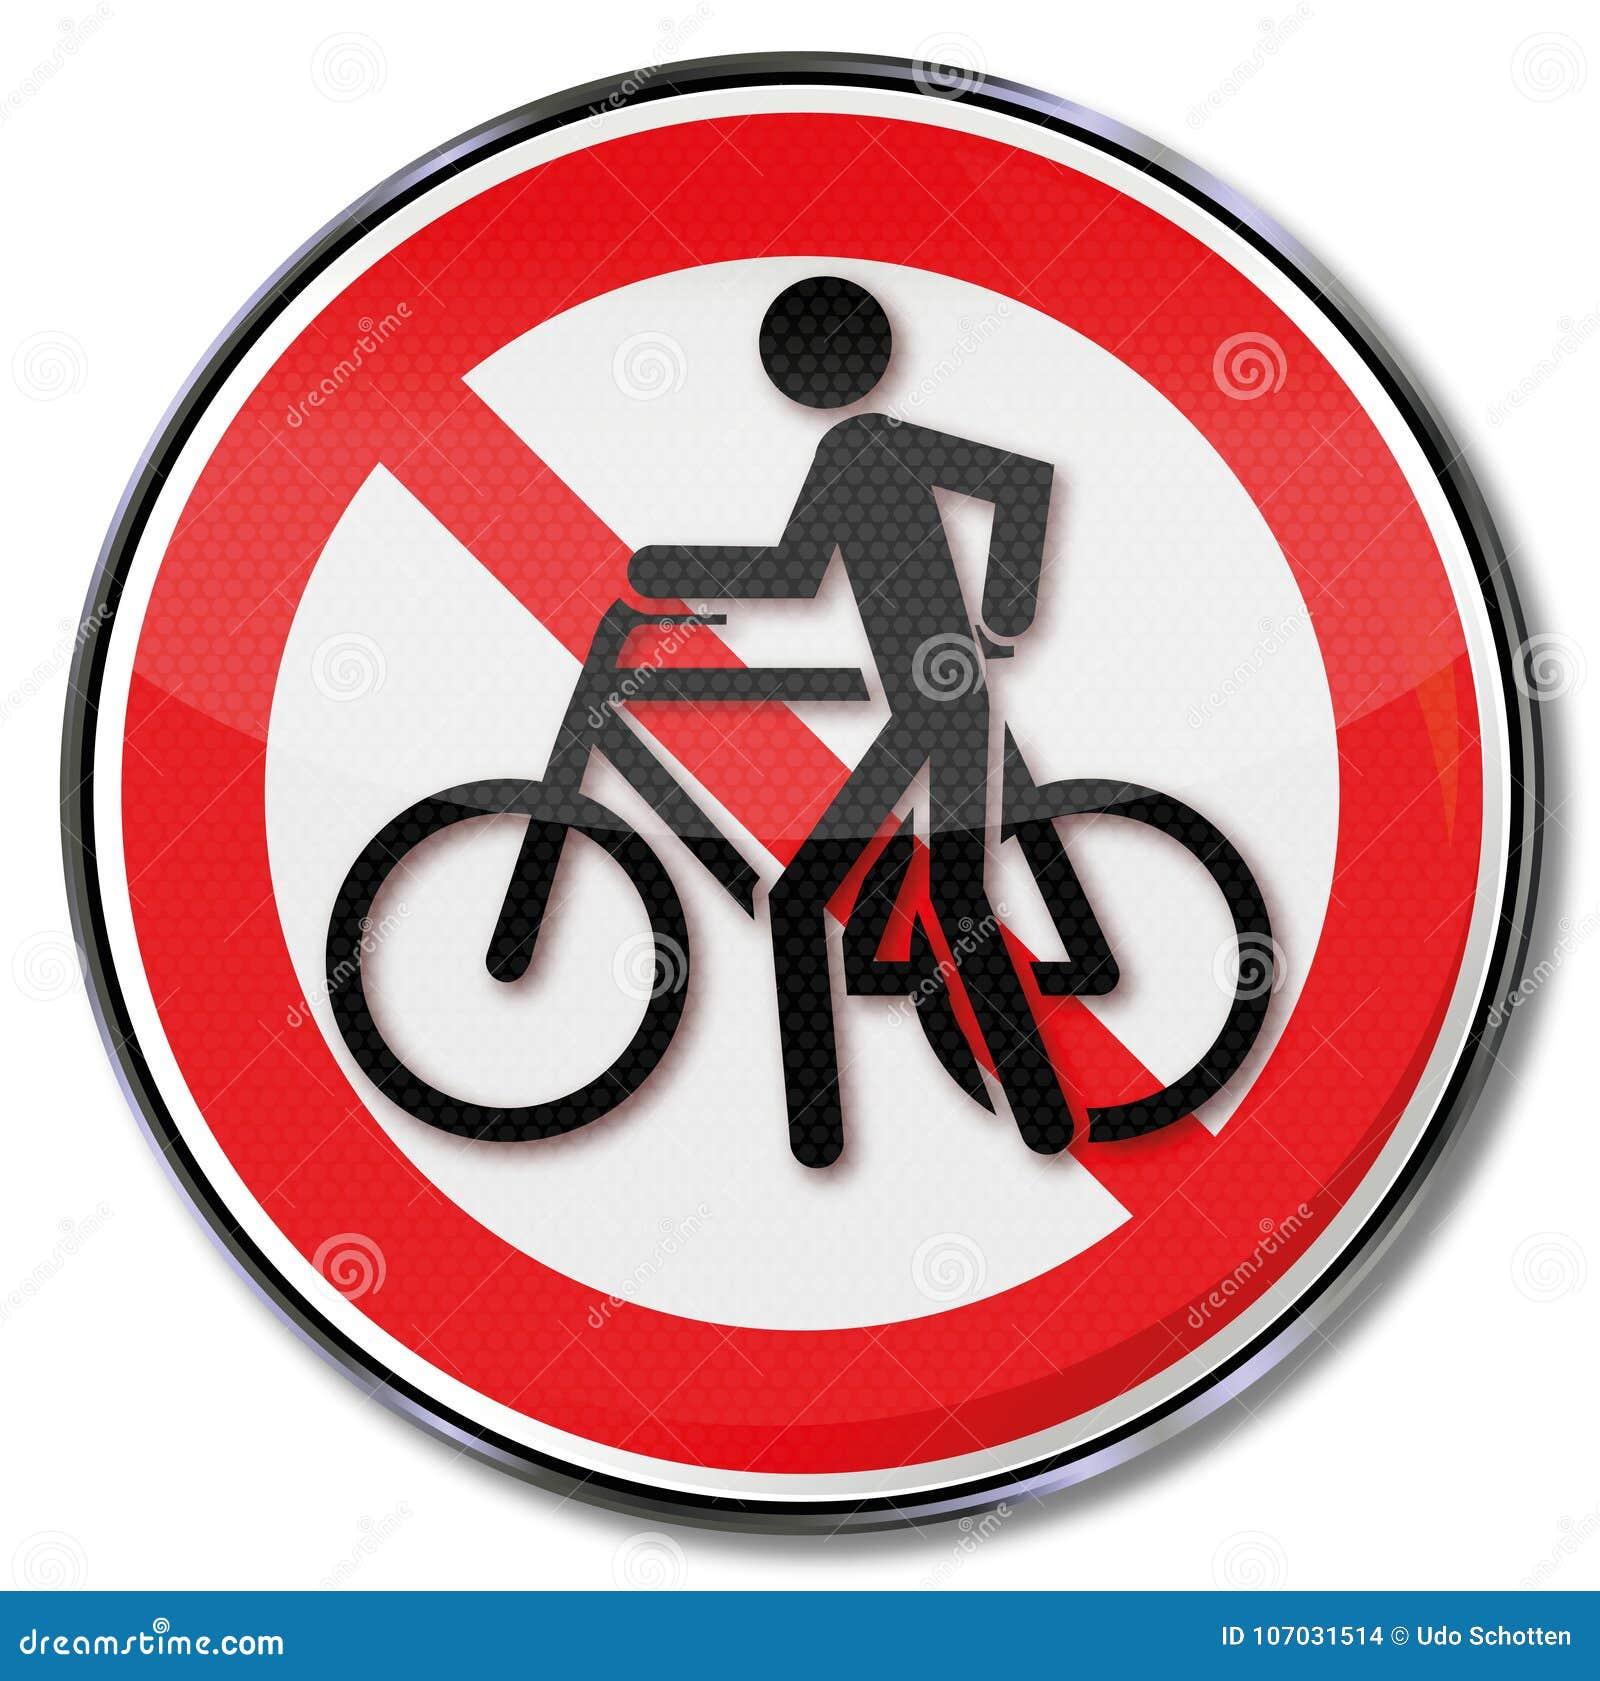 Radfahren verboten Aufkleber